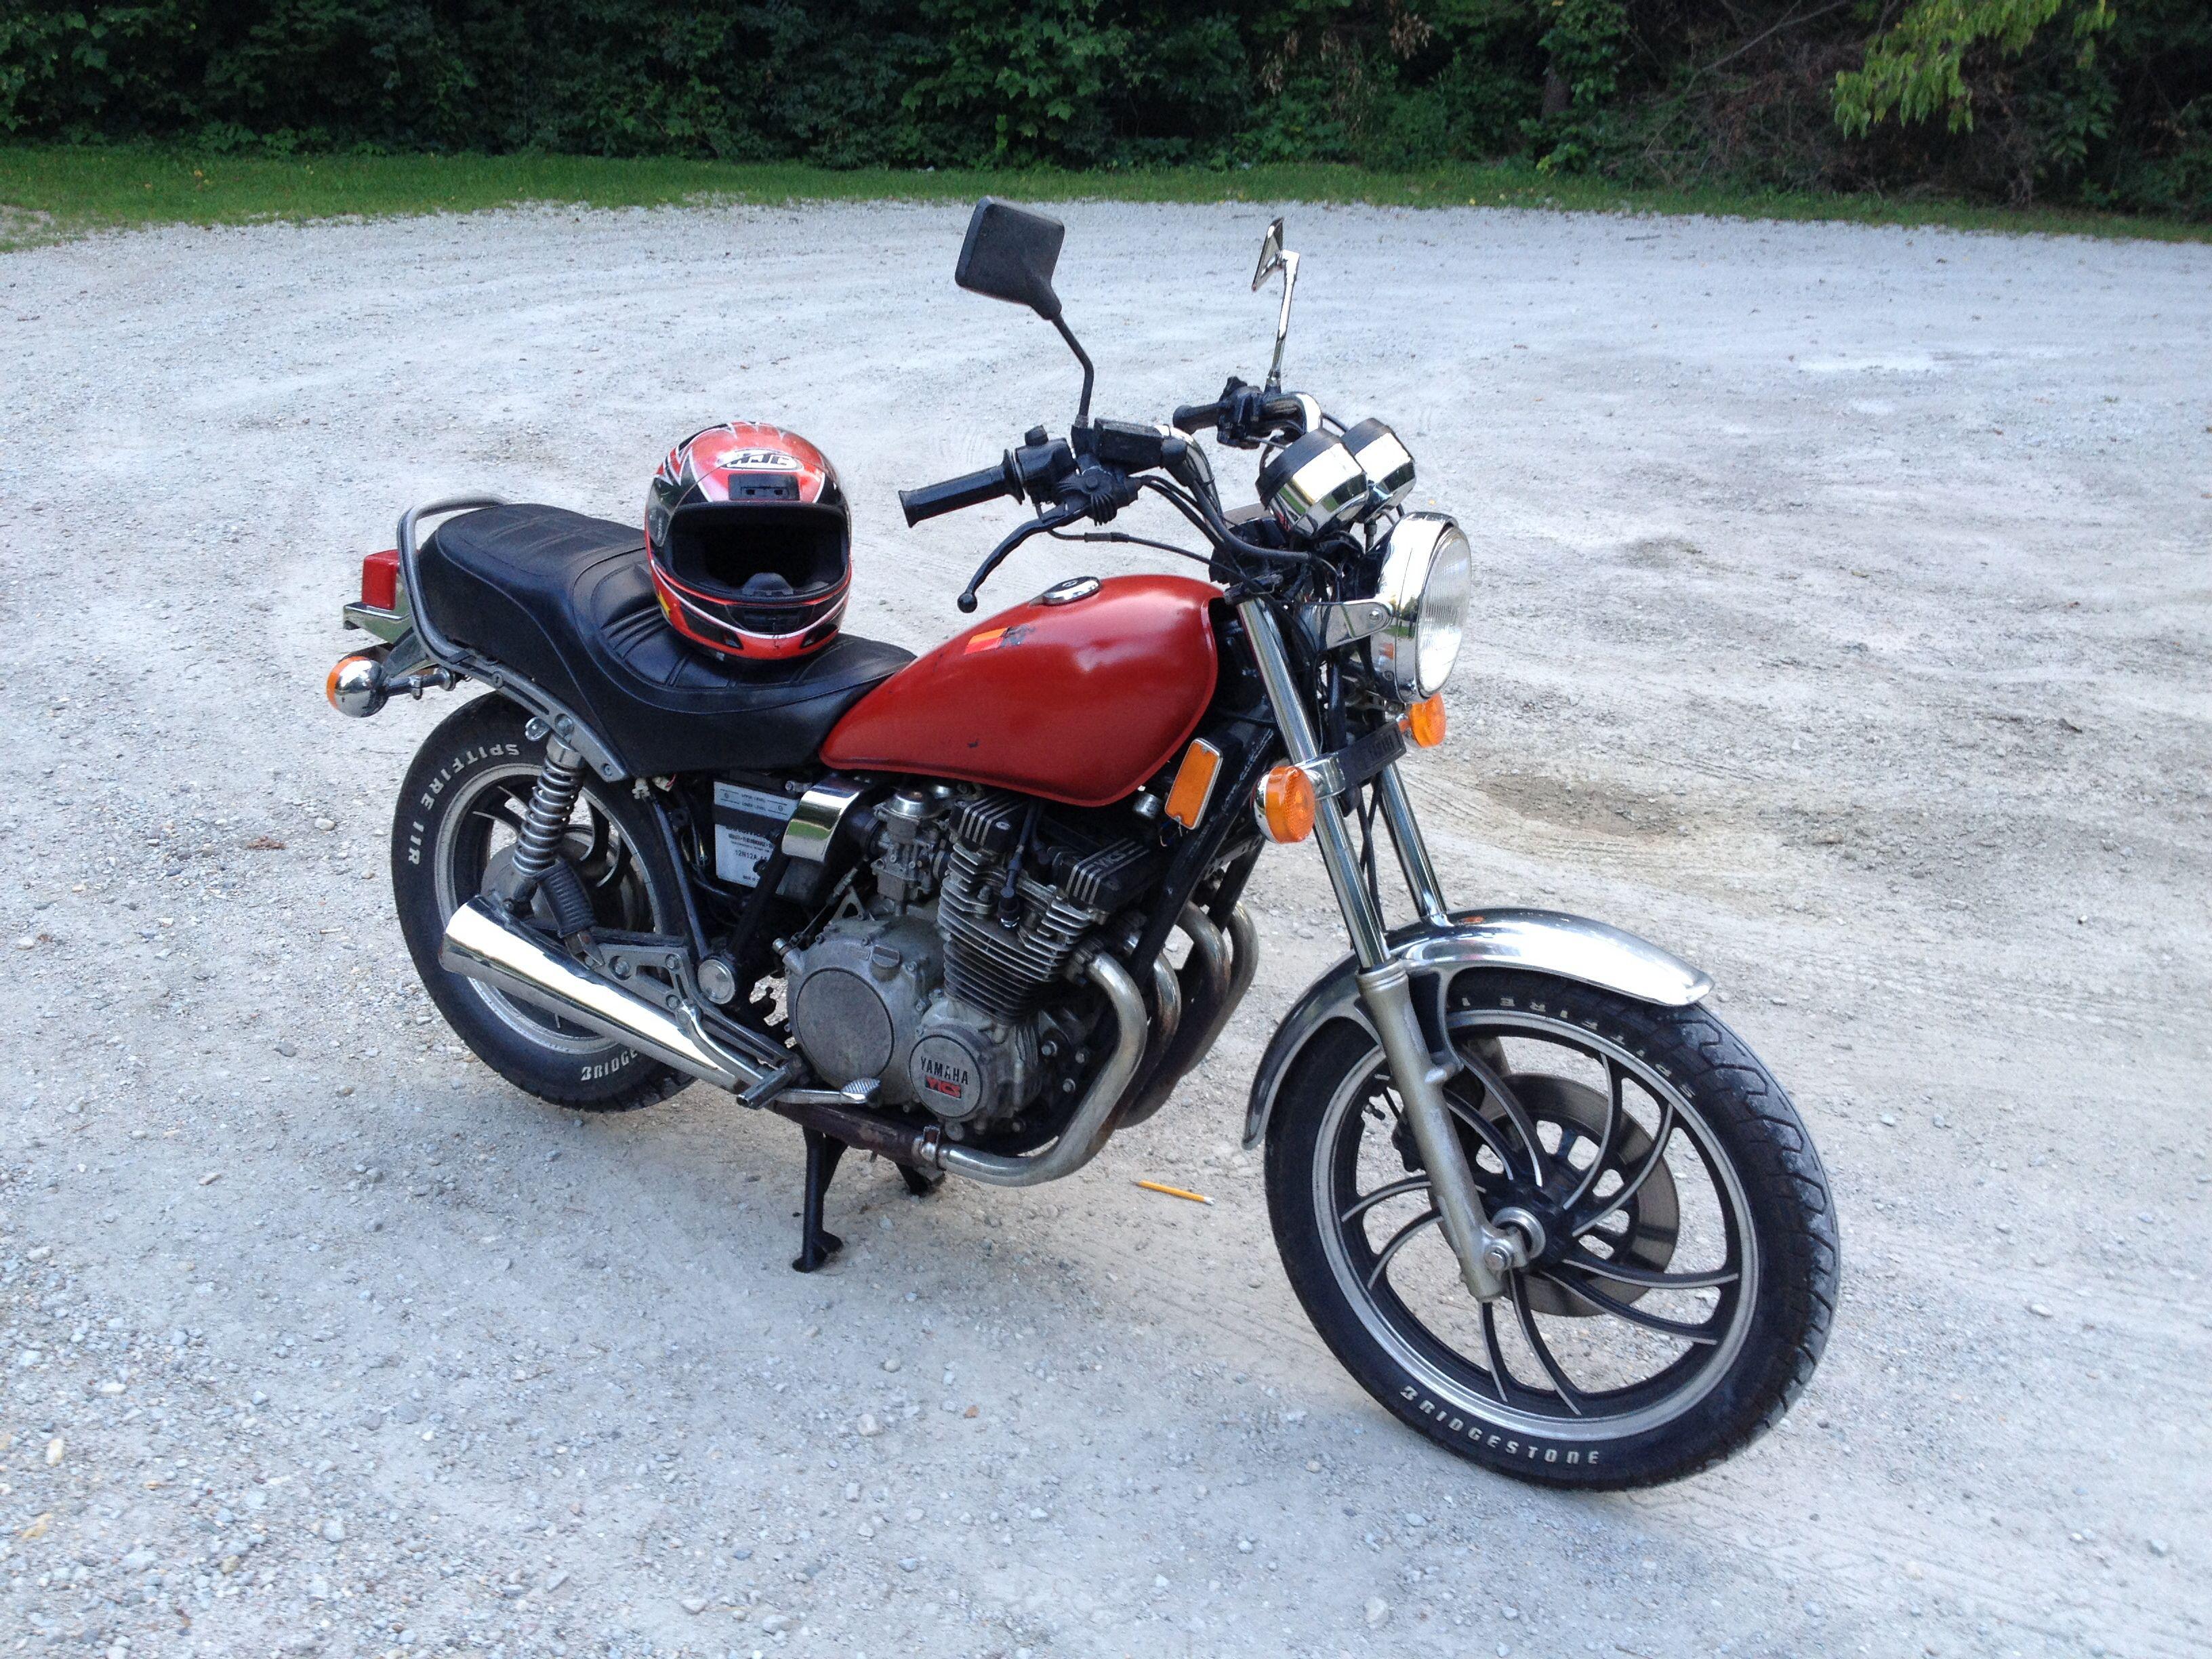 1982 Yamaha Xj650 Maxim Yamaha 650 Yamaha Bike